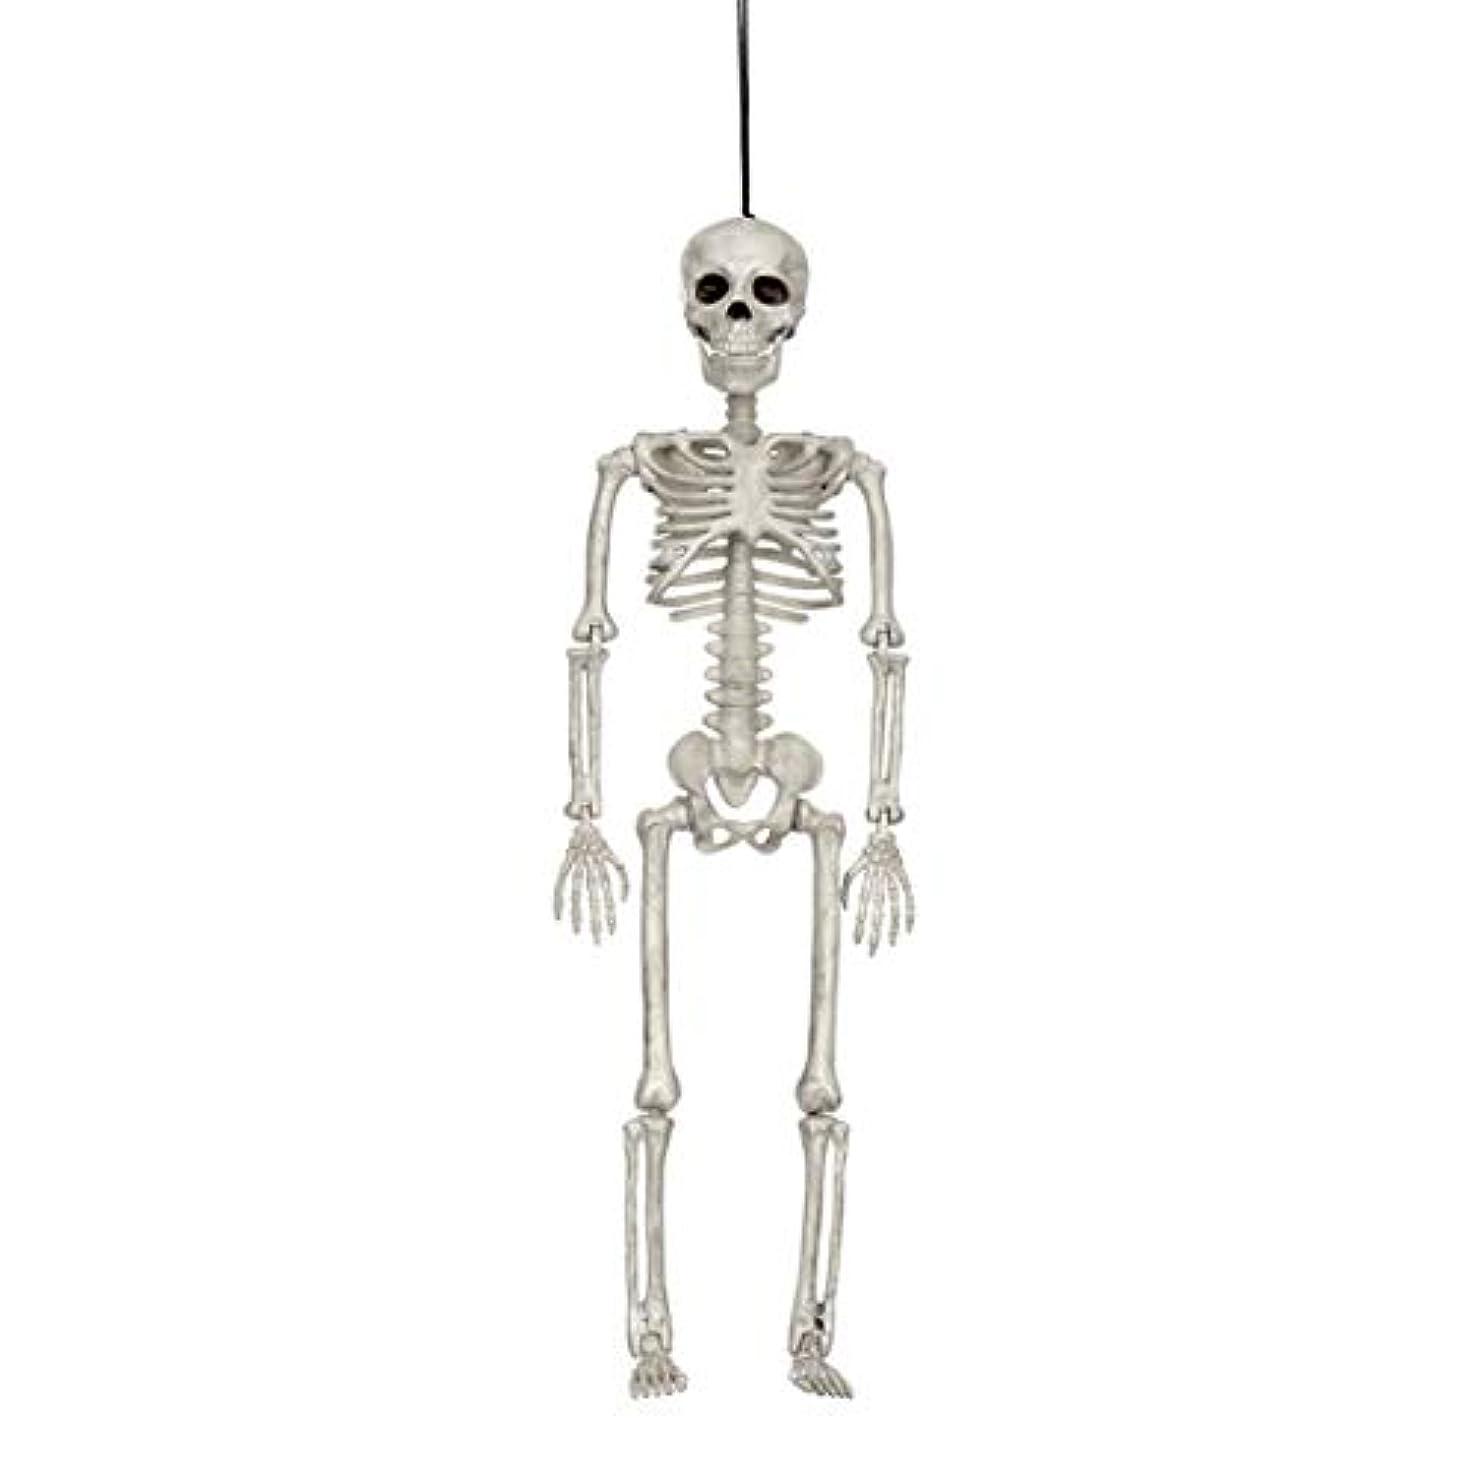 過剰脅威豆腐ハロウィン人間の骨格モデルホラーディスプレイペンダント小道具デスクトップの装飾